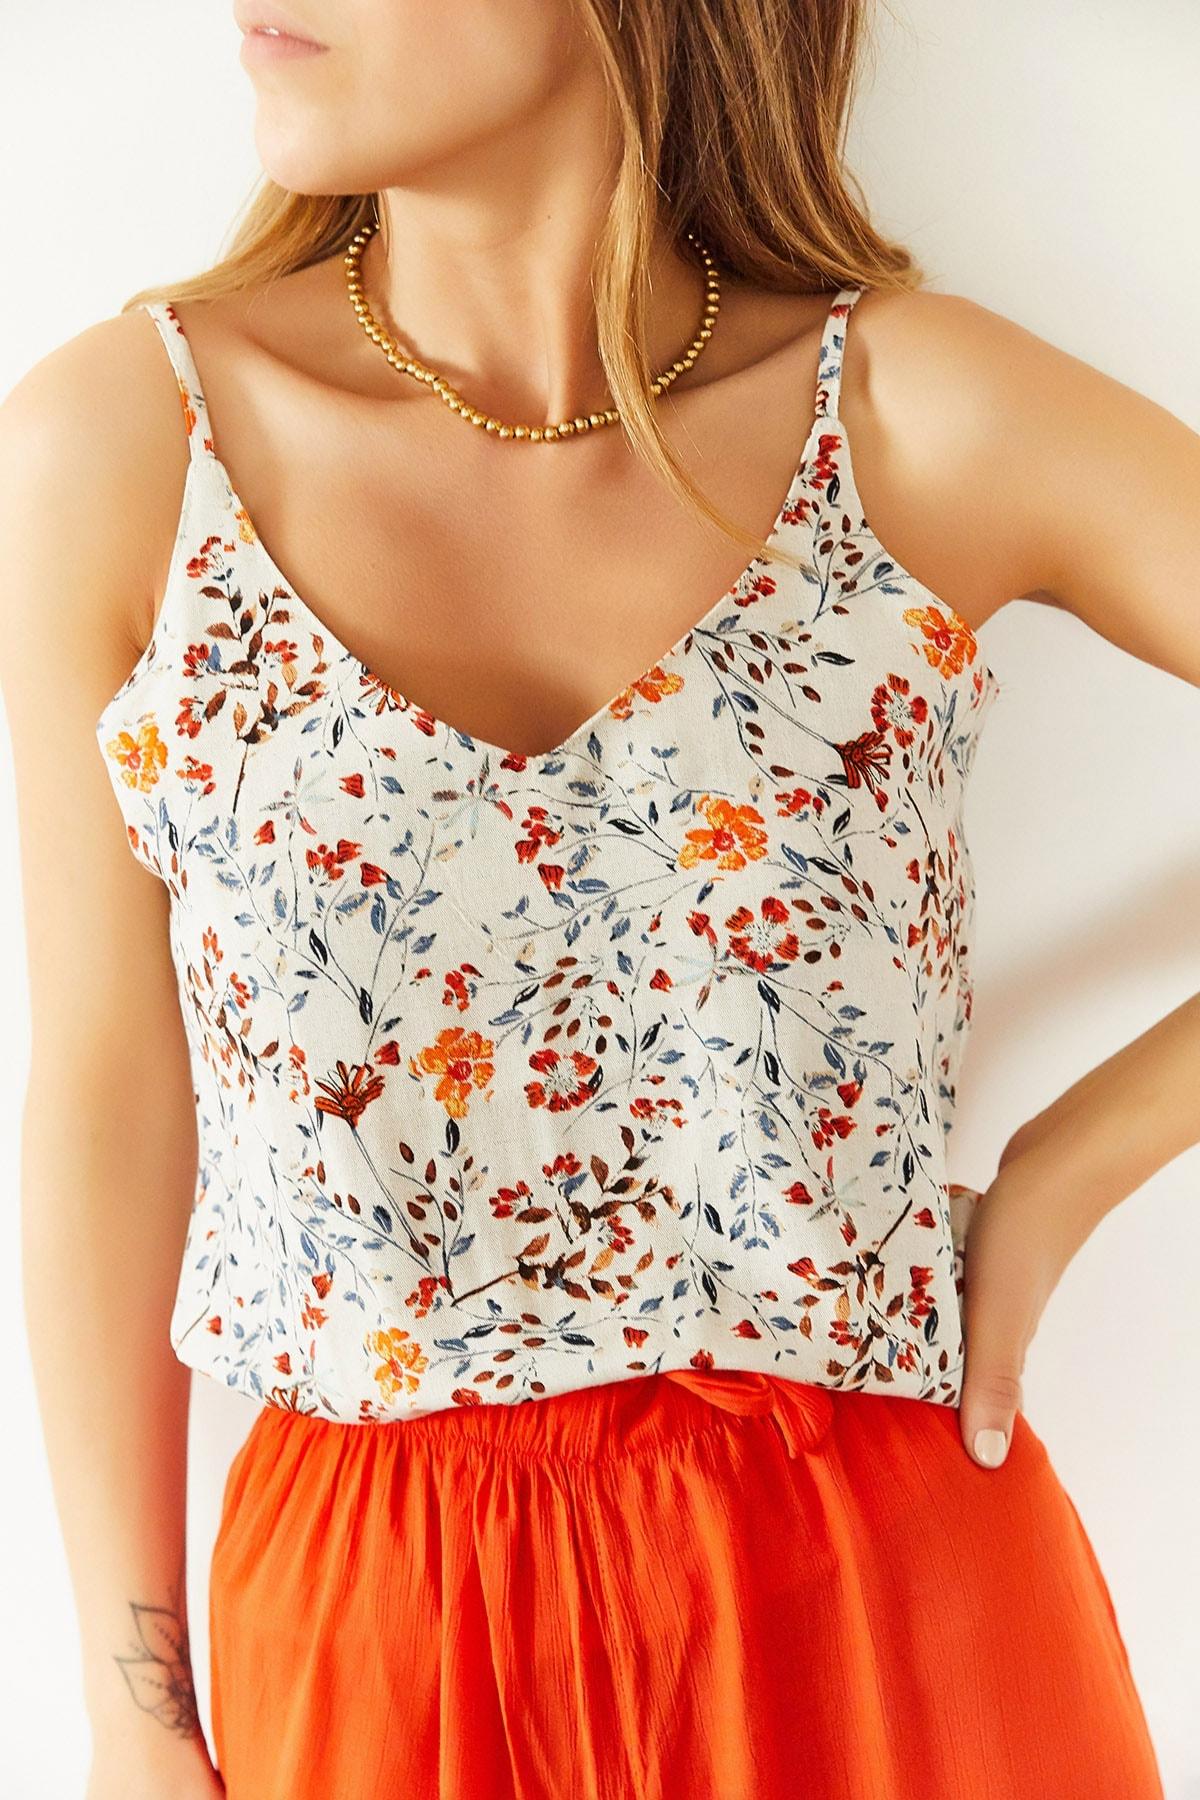 Xhan Kadın Multi İp Askılı Çiçek Desenli Bluz 0YXK2-43901-52 8699443901521